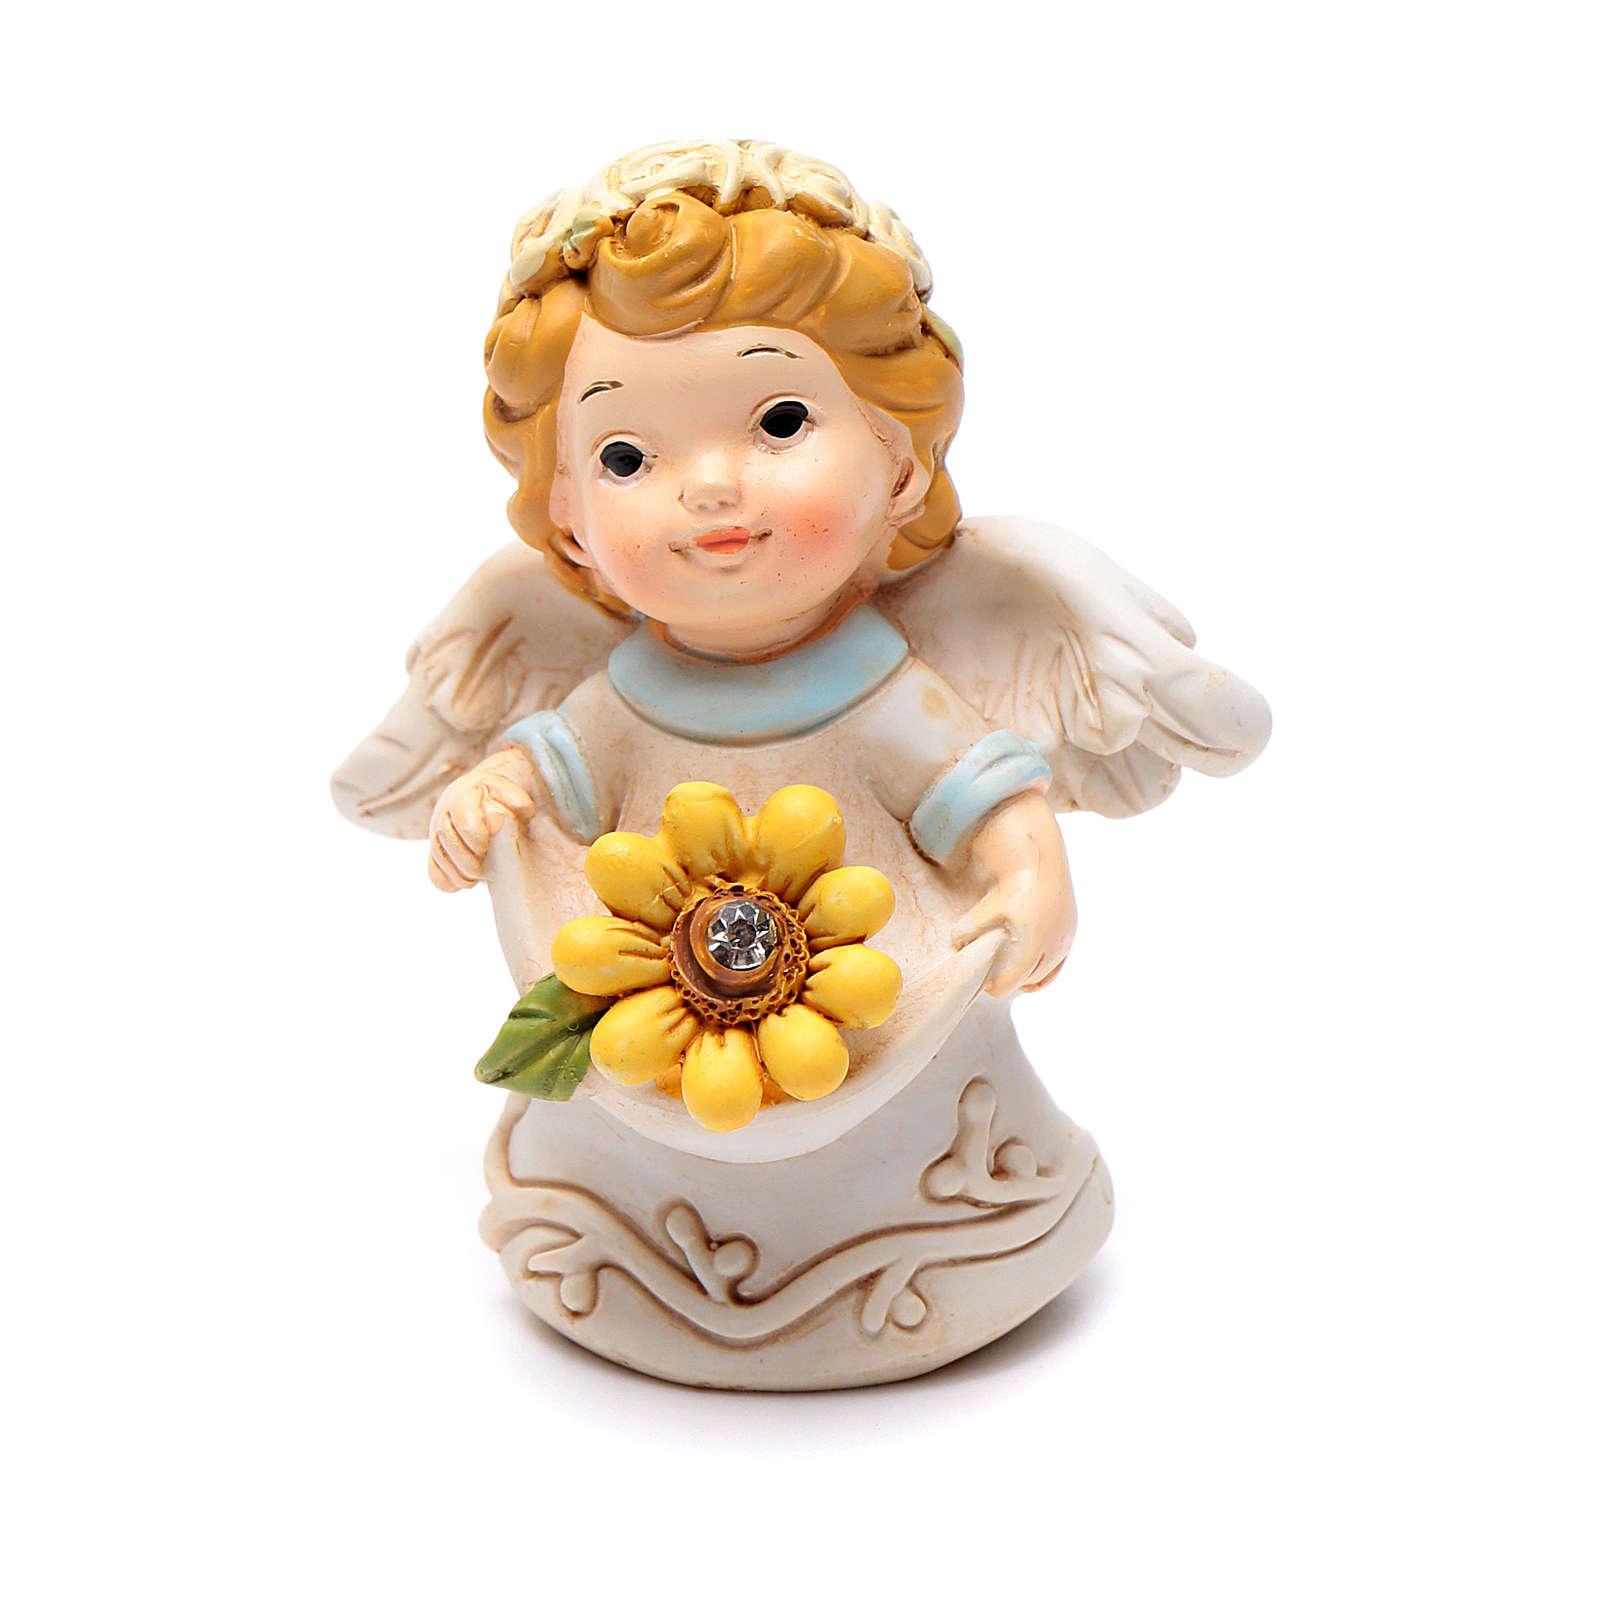 Angioletto resina fiore giallo con brillantino 6 cm 3